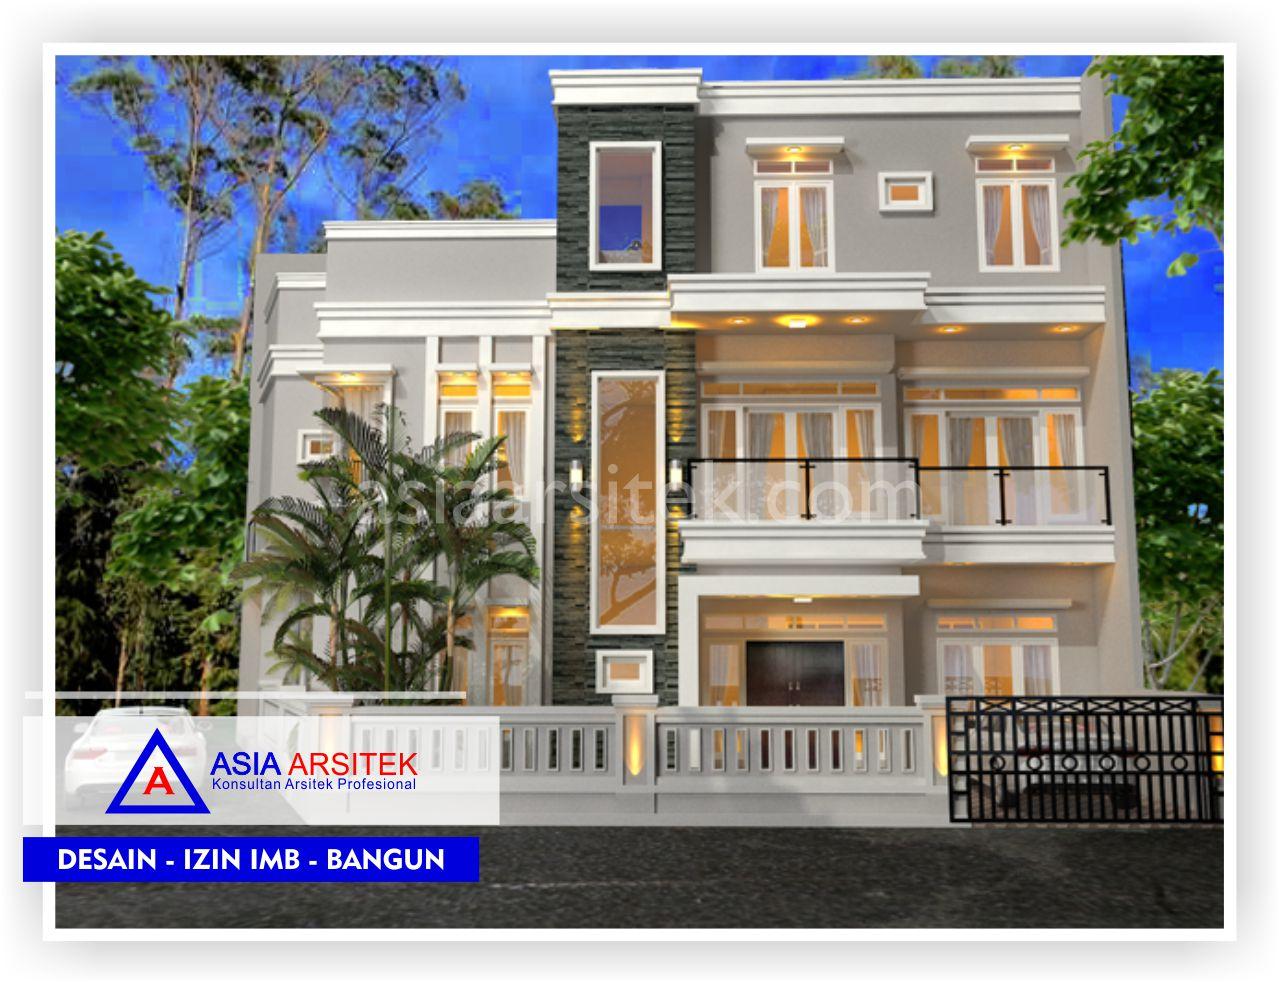 Rencana Gambar Desain Rumah Bpk Hendra Sun Kho - Arsitek Desain Rumah Minimalis Modern Di Tangerang-Jakarta-Bogor-Bekasi-Bandung-Jasa Konsultan Desain Arsitek Profesional (1)